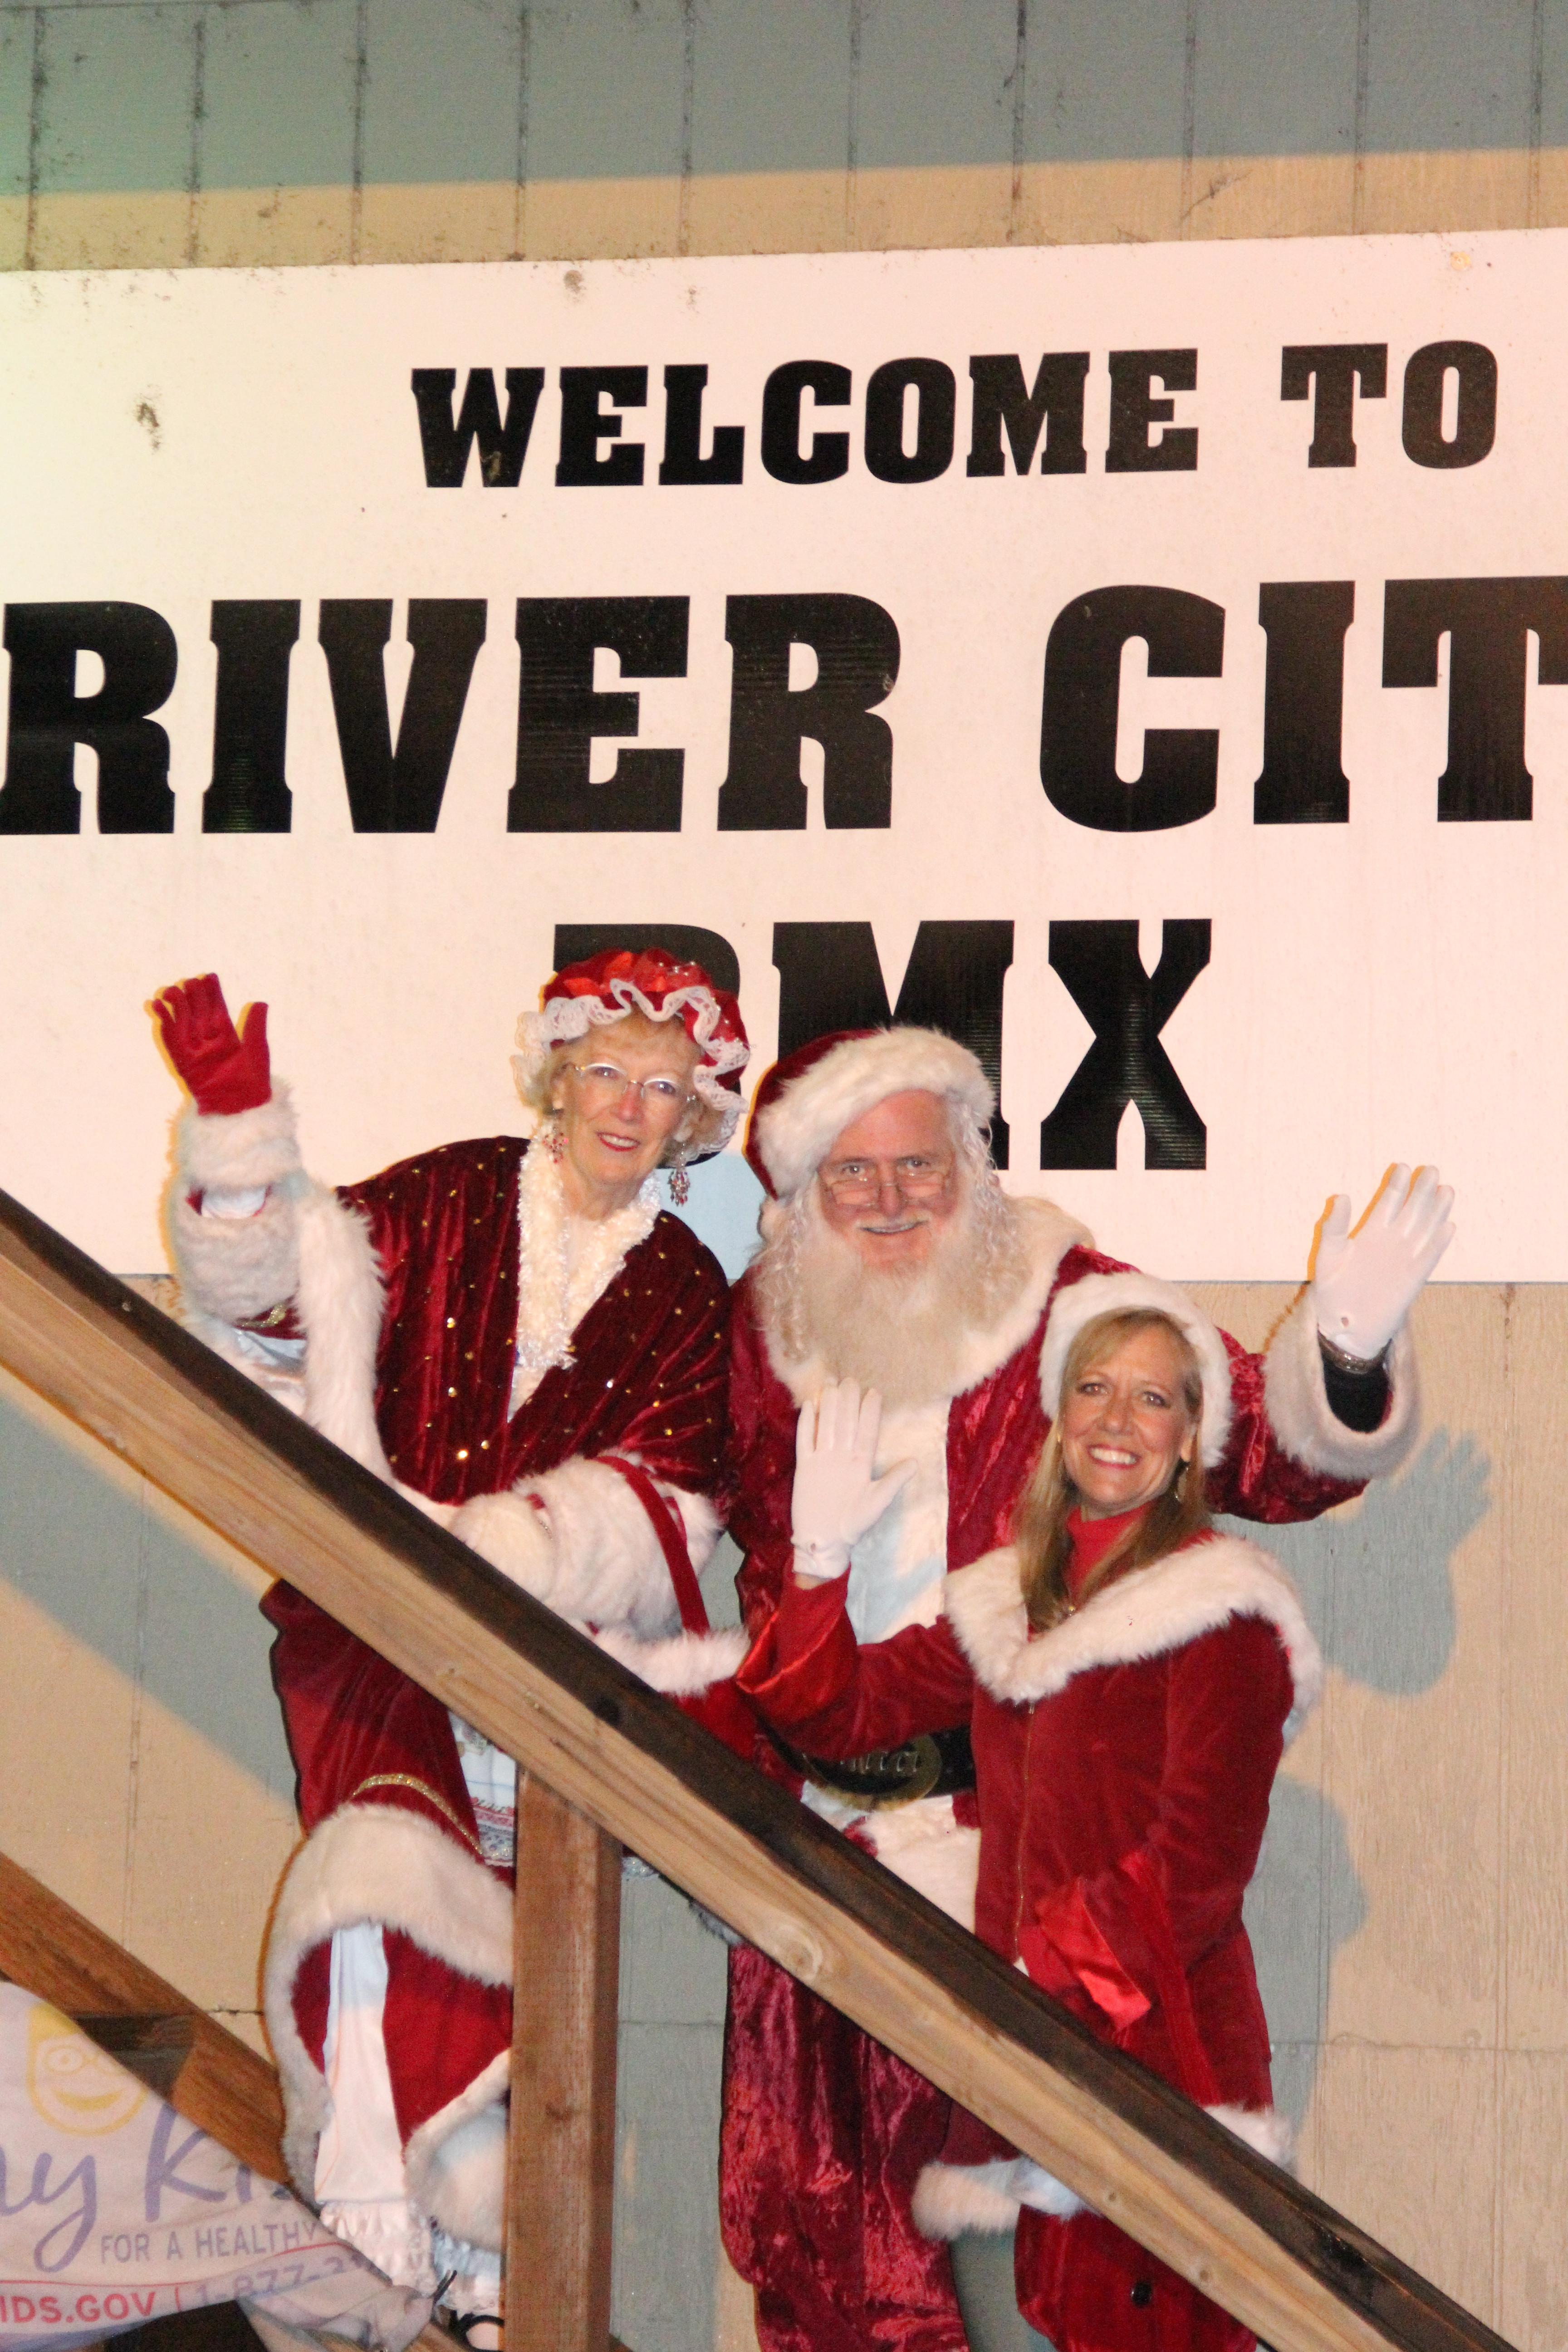 Santa+MrsC+Elf+BMX